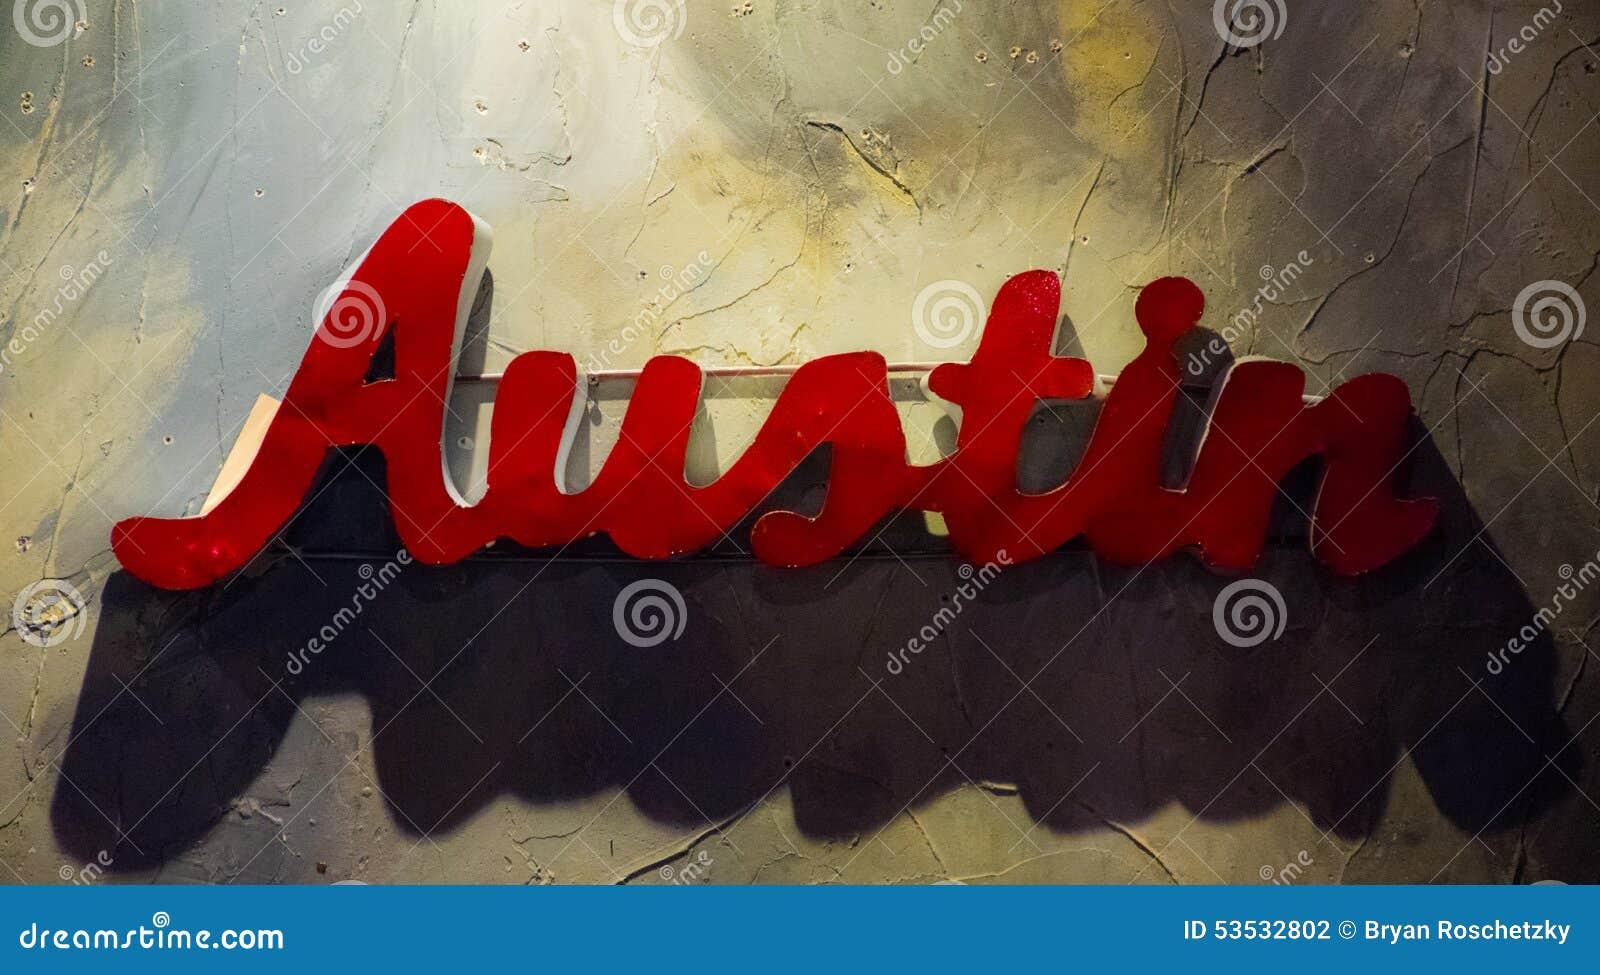 Austin Texas Metal Sign Hanging op Geweven Muur